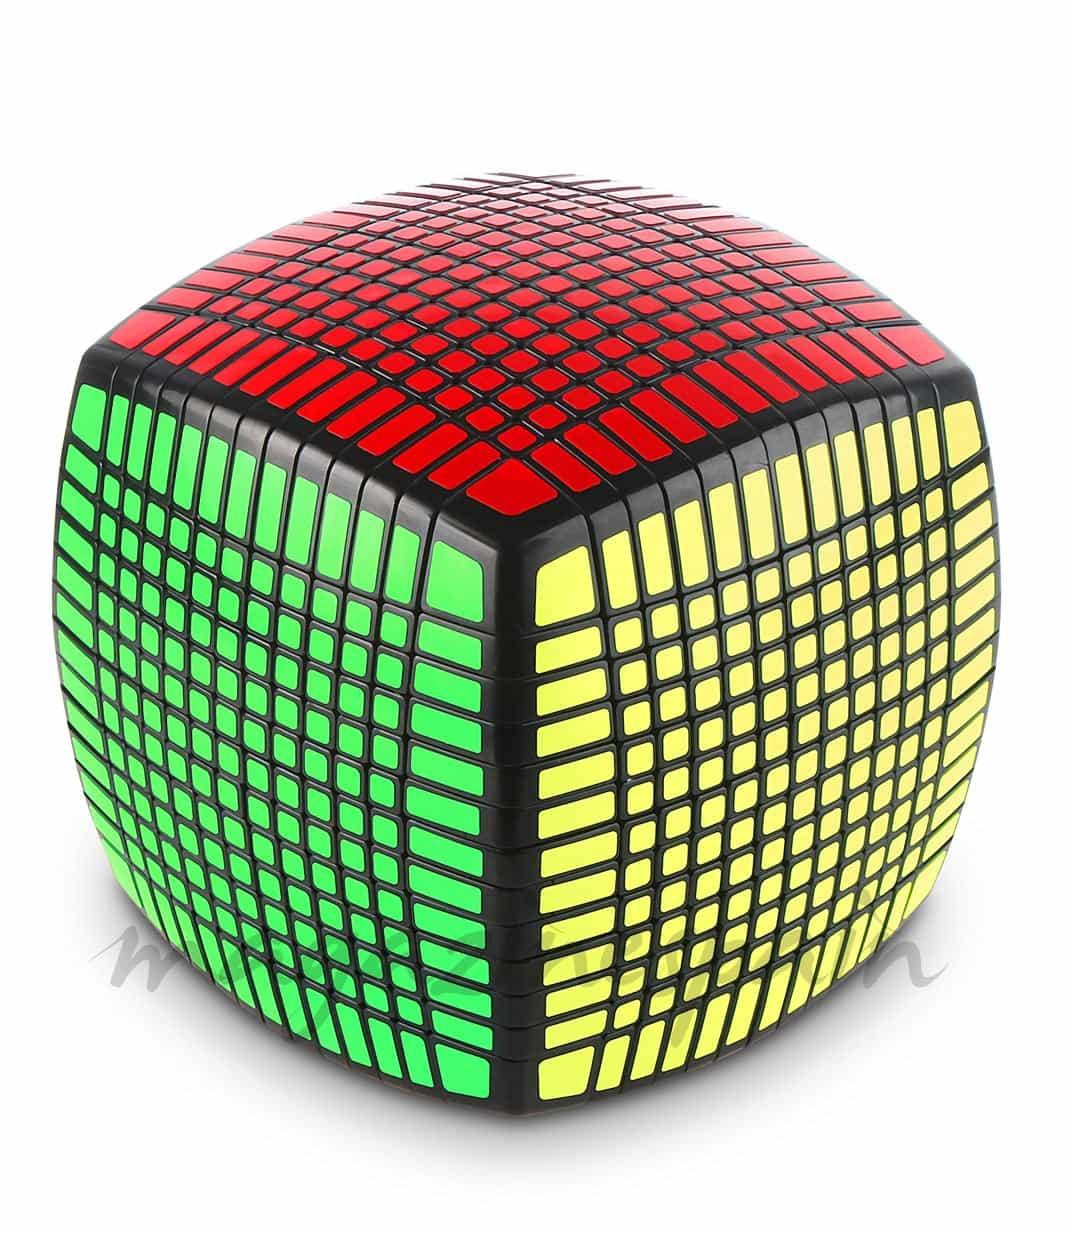 Llega el coj n de rubik mucho m s complicado que el cubo for Rubik espana